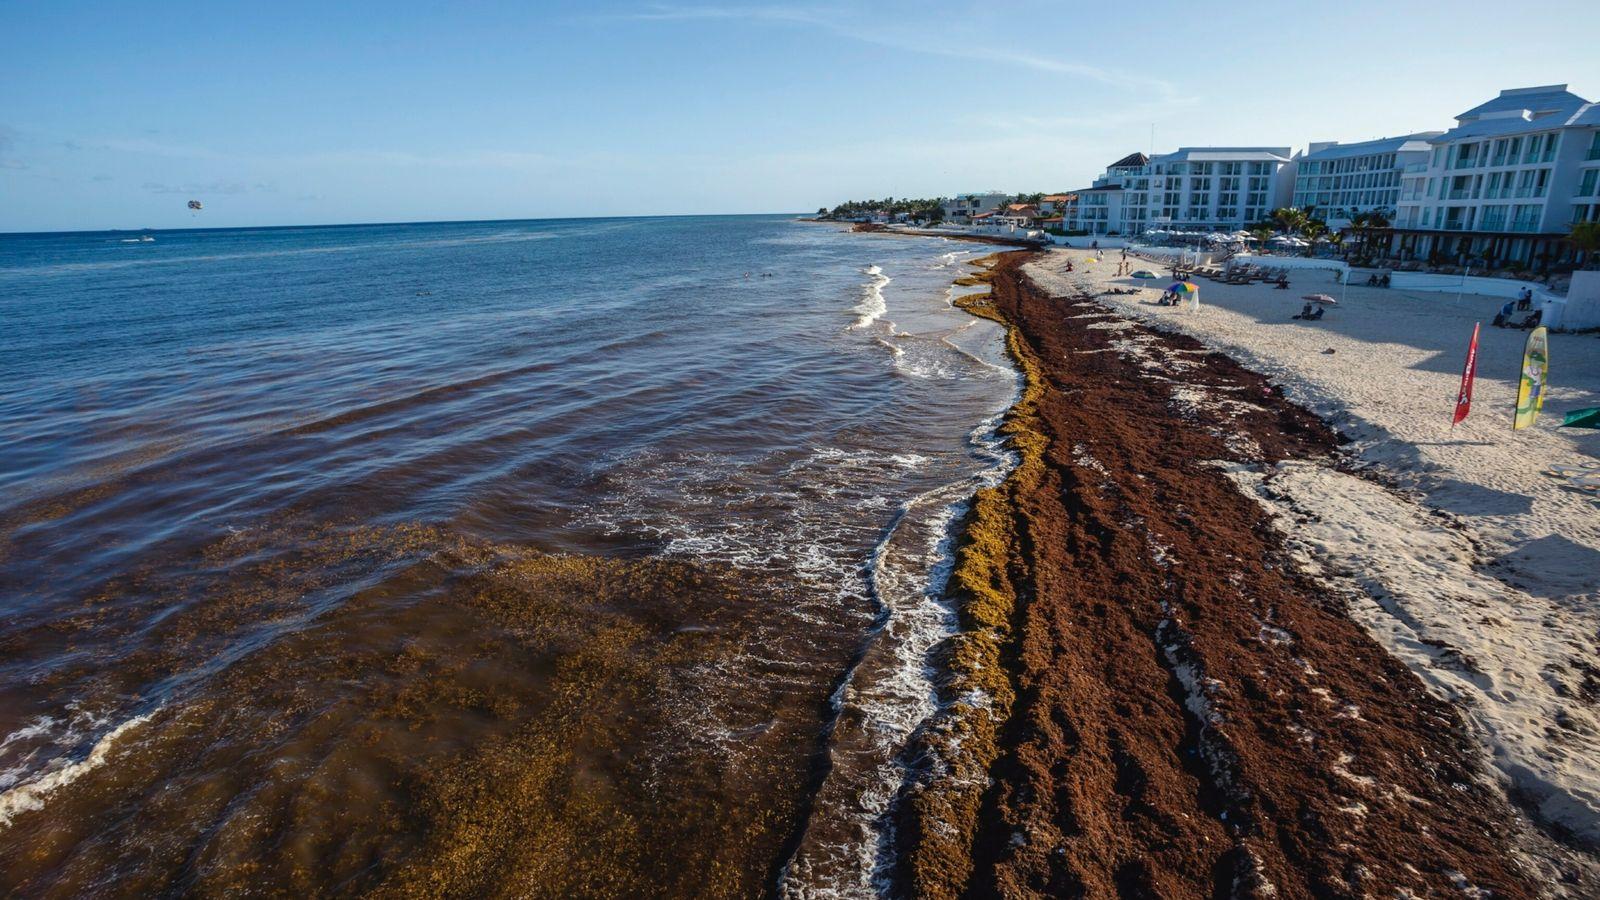 Haufenweise modernder Seetang bedeckt am 4. Juli 2021 den Strand des Parque Fundadores in der mexikanischen ...